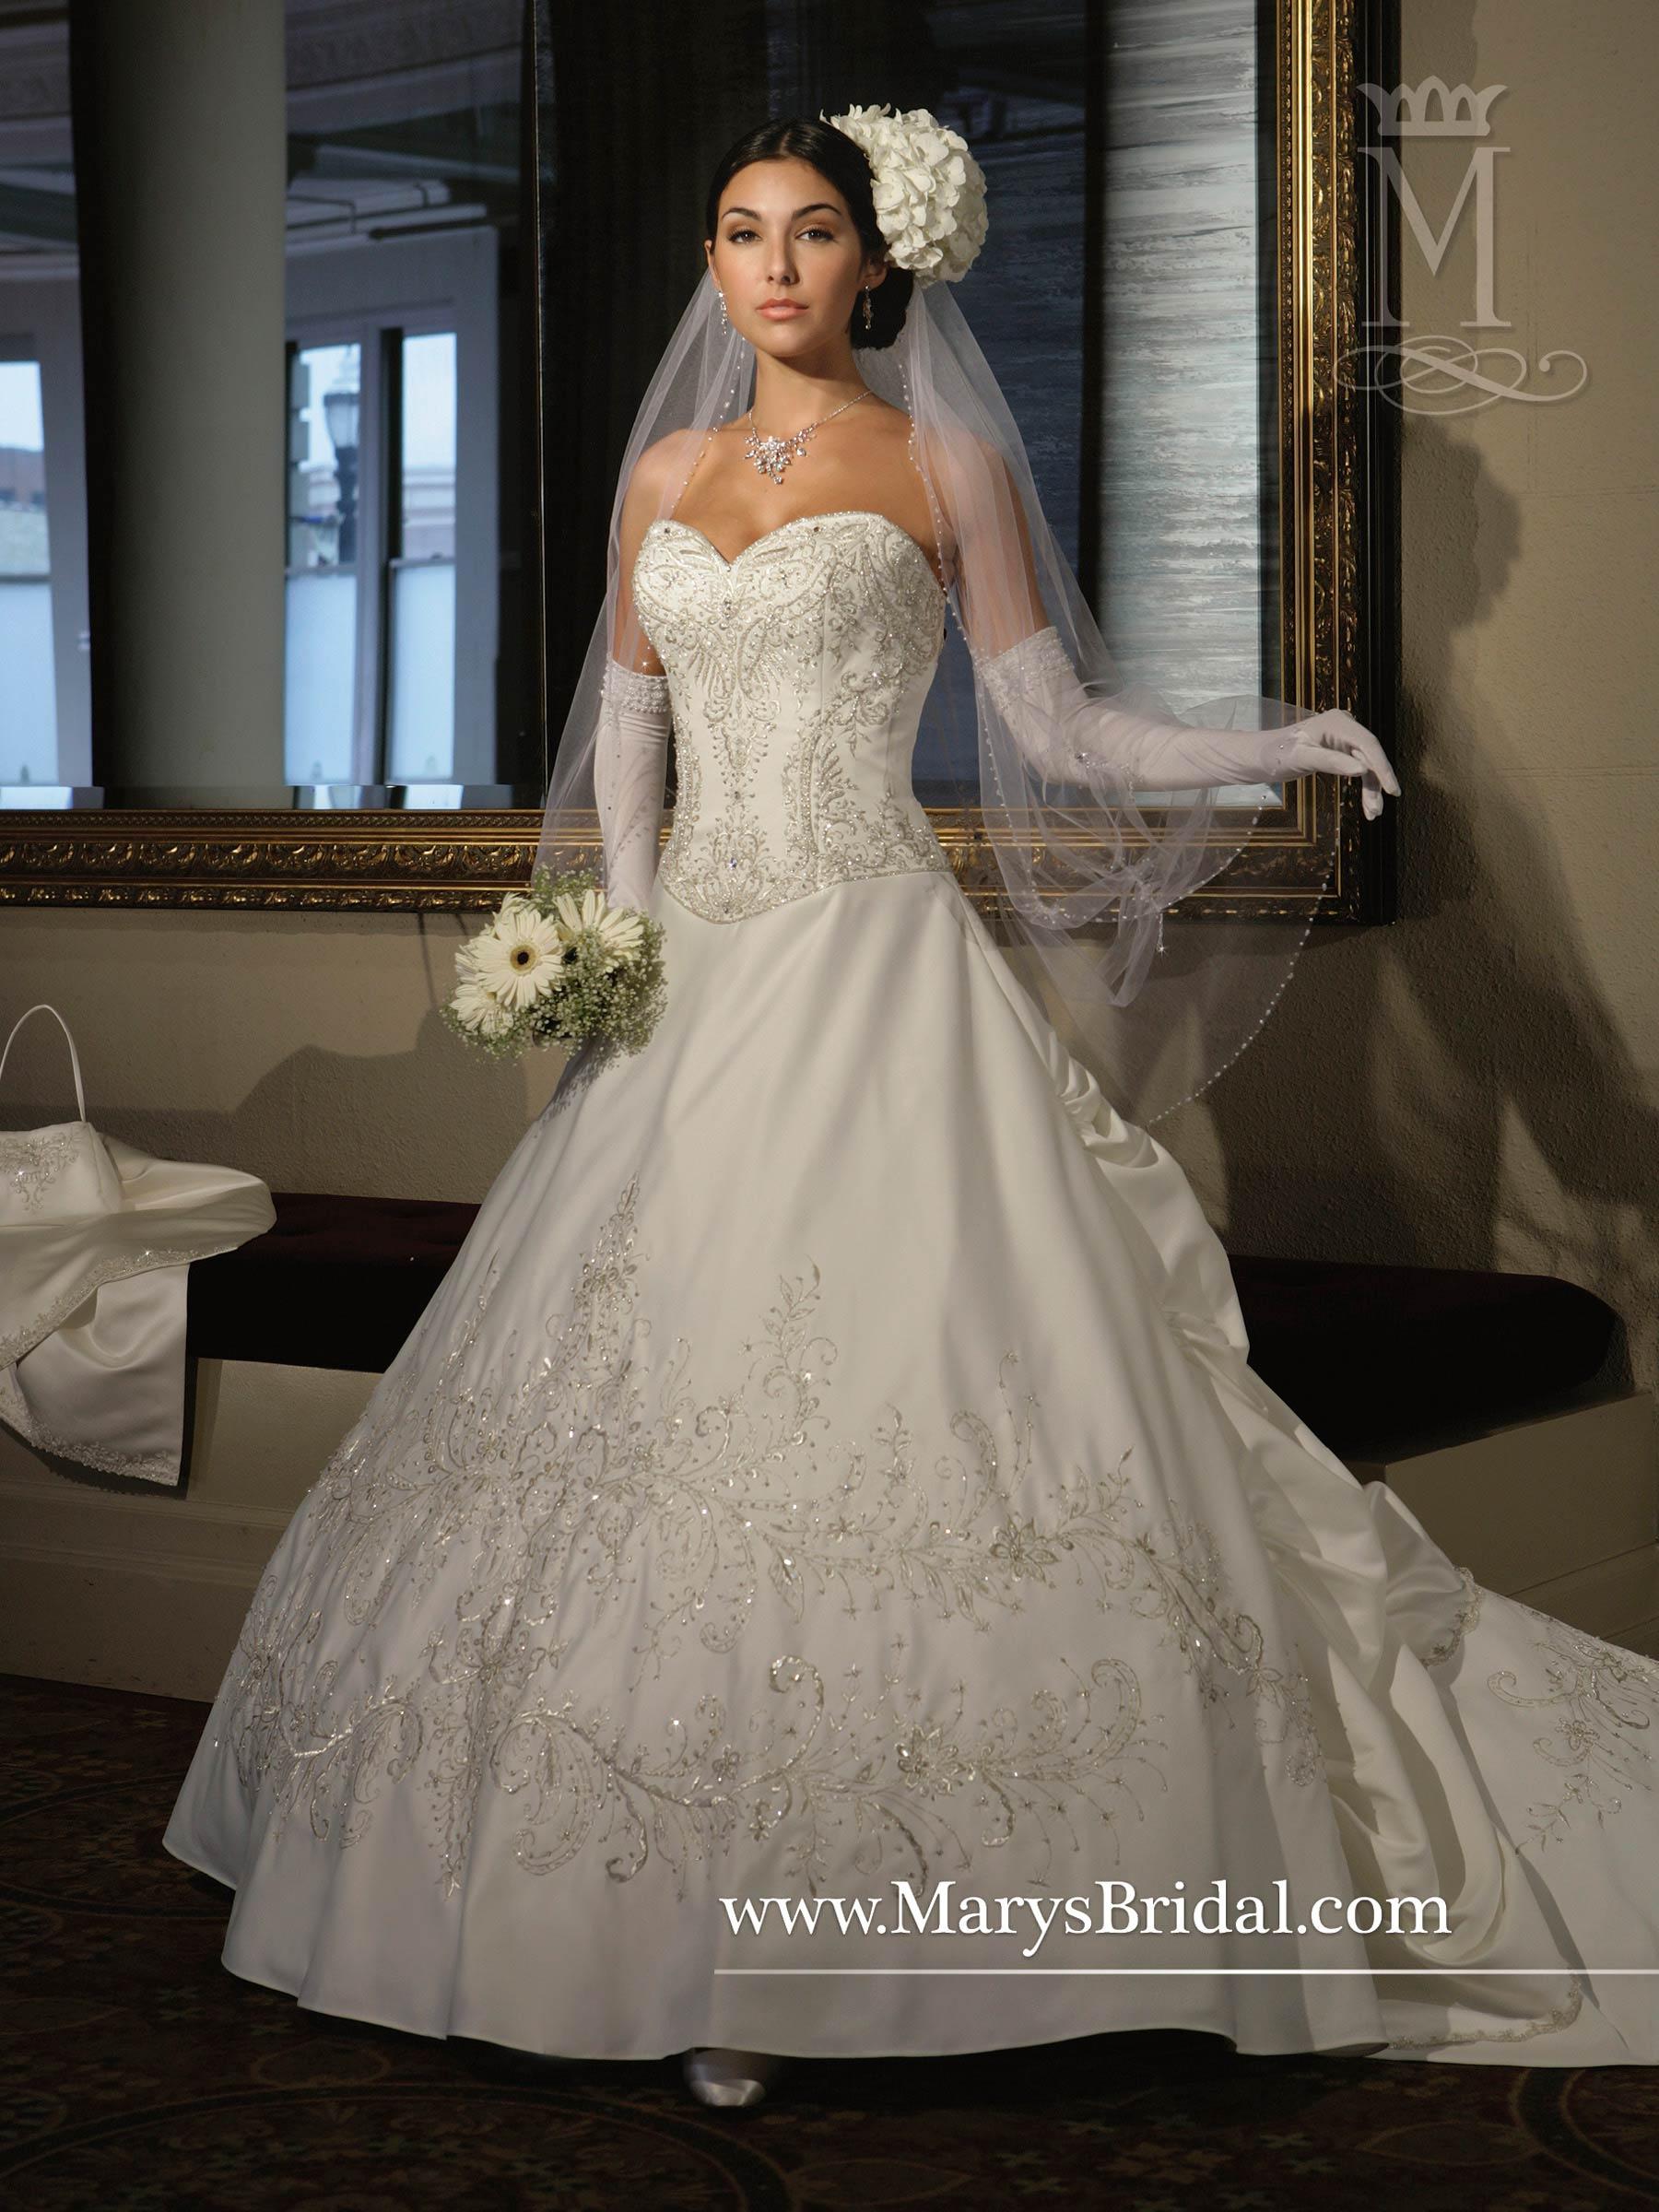 8611-marys bridal